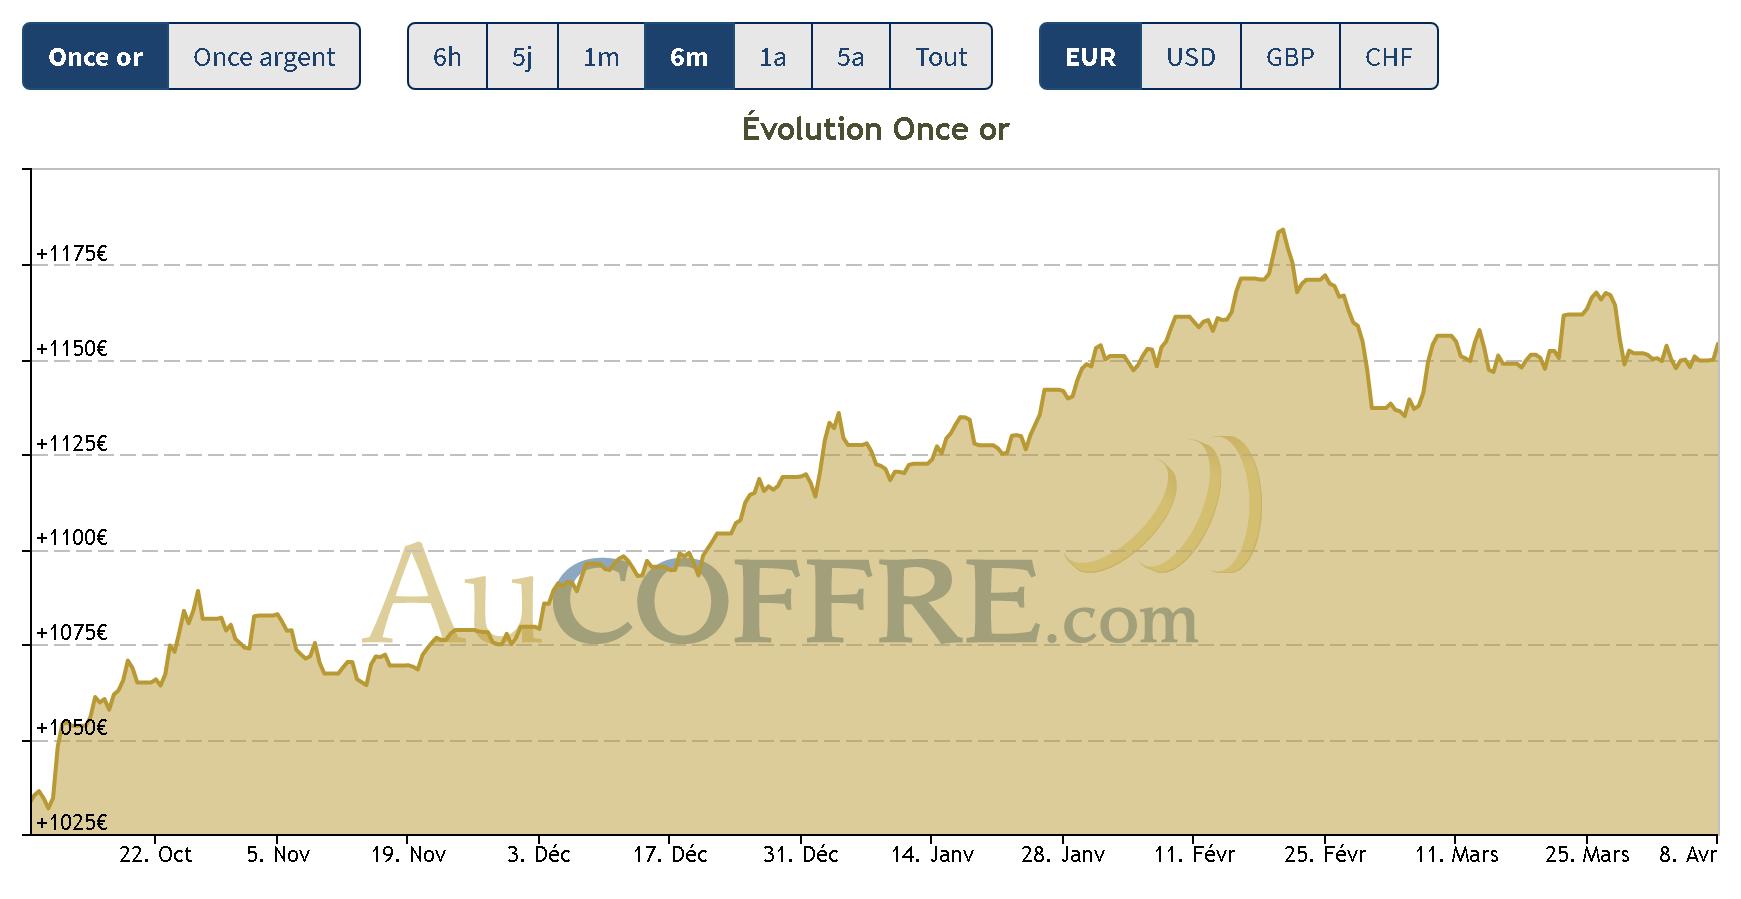 cours de l'or avril, tendance haussière